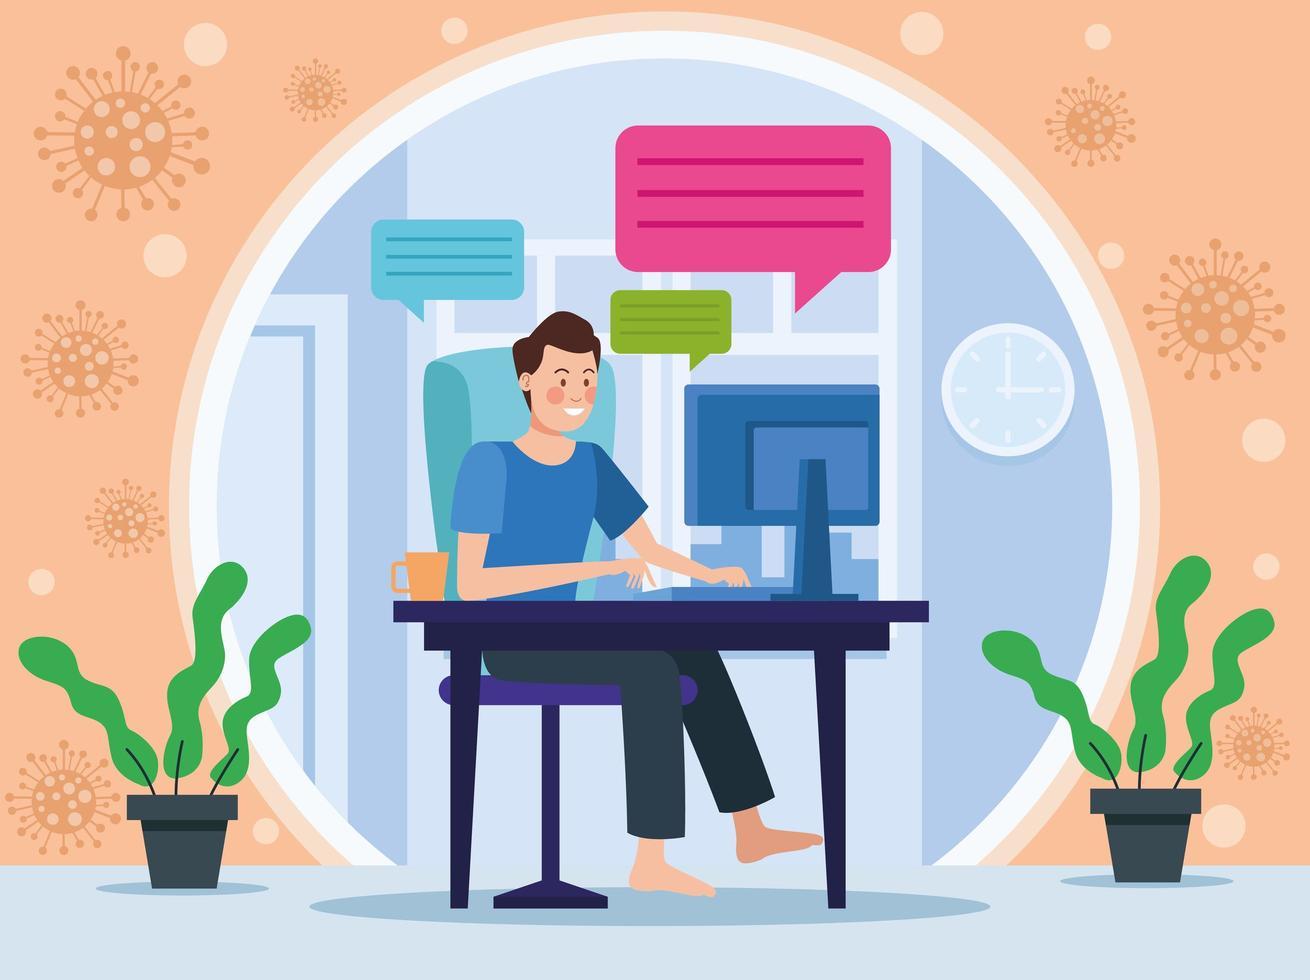 scen av affärsmannen i möte online vektor